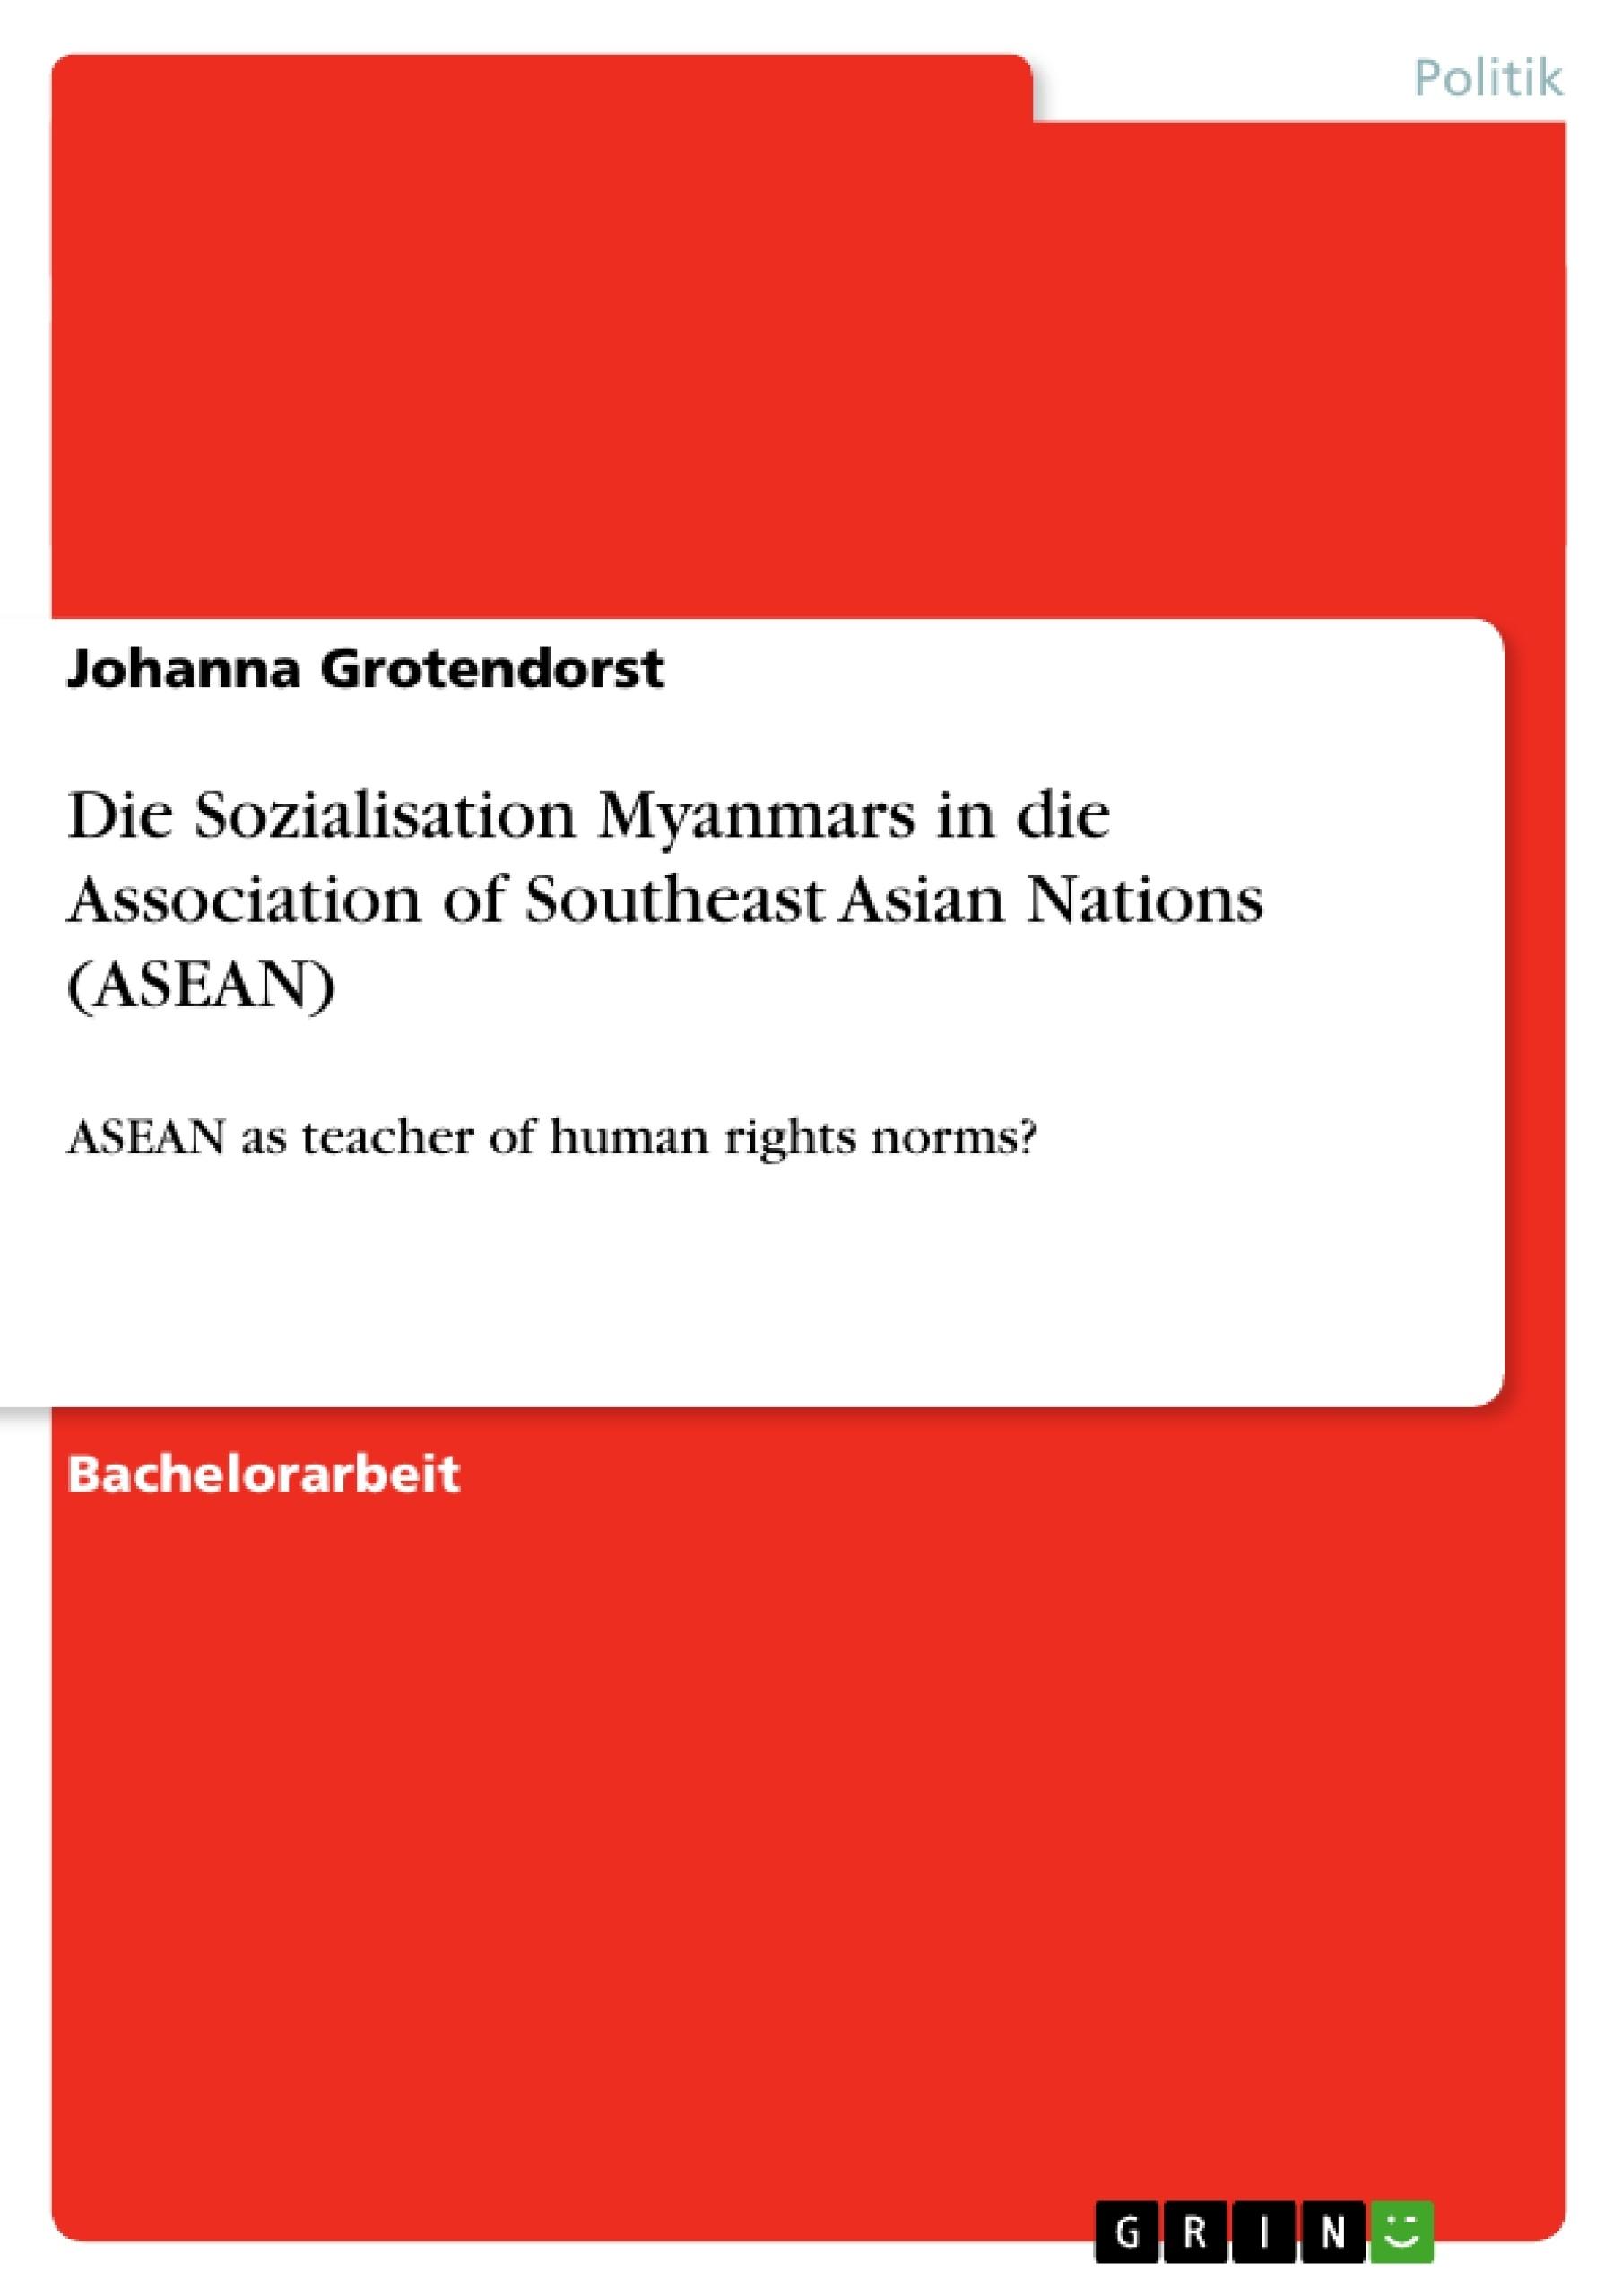 Titel: Die Sozialisation Myanmars in die Association of Southeast Asian Nations (ASEAN)